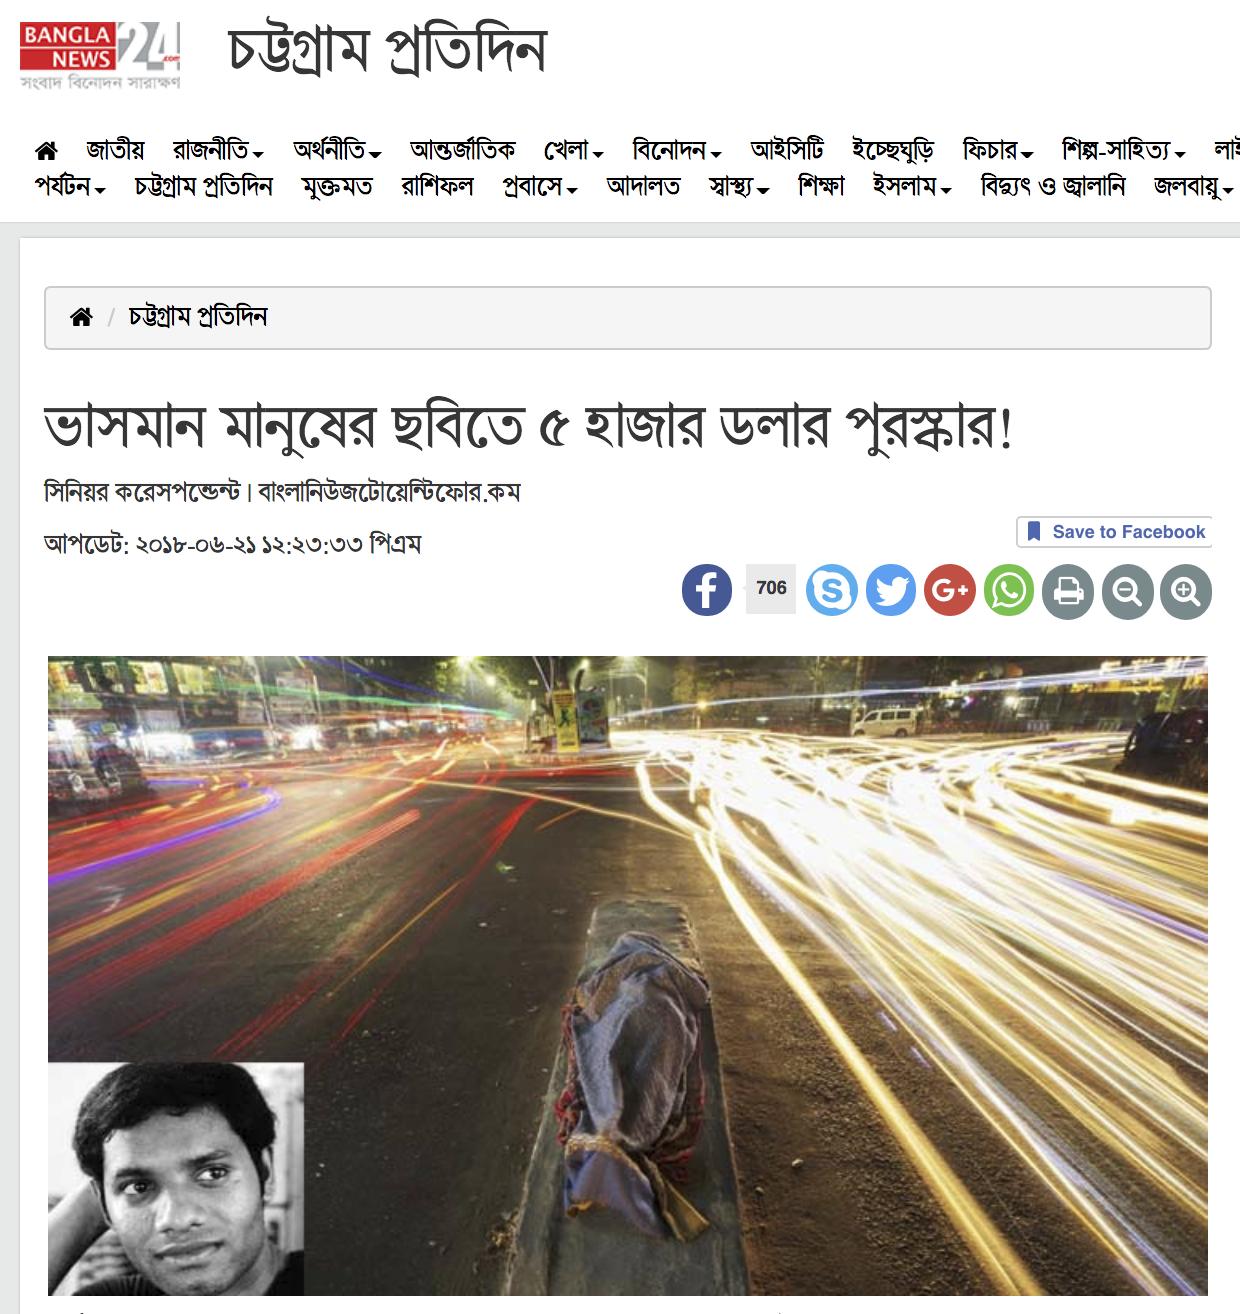 Bangla News 24 Features LensCulture Street Photography First Place Winner: Sowrav Das -